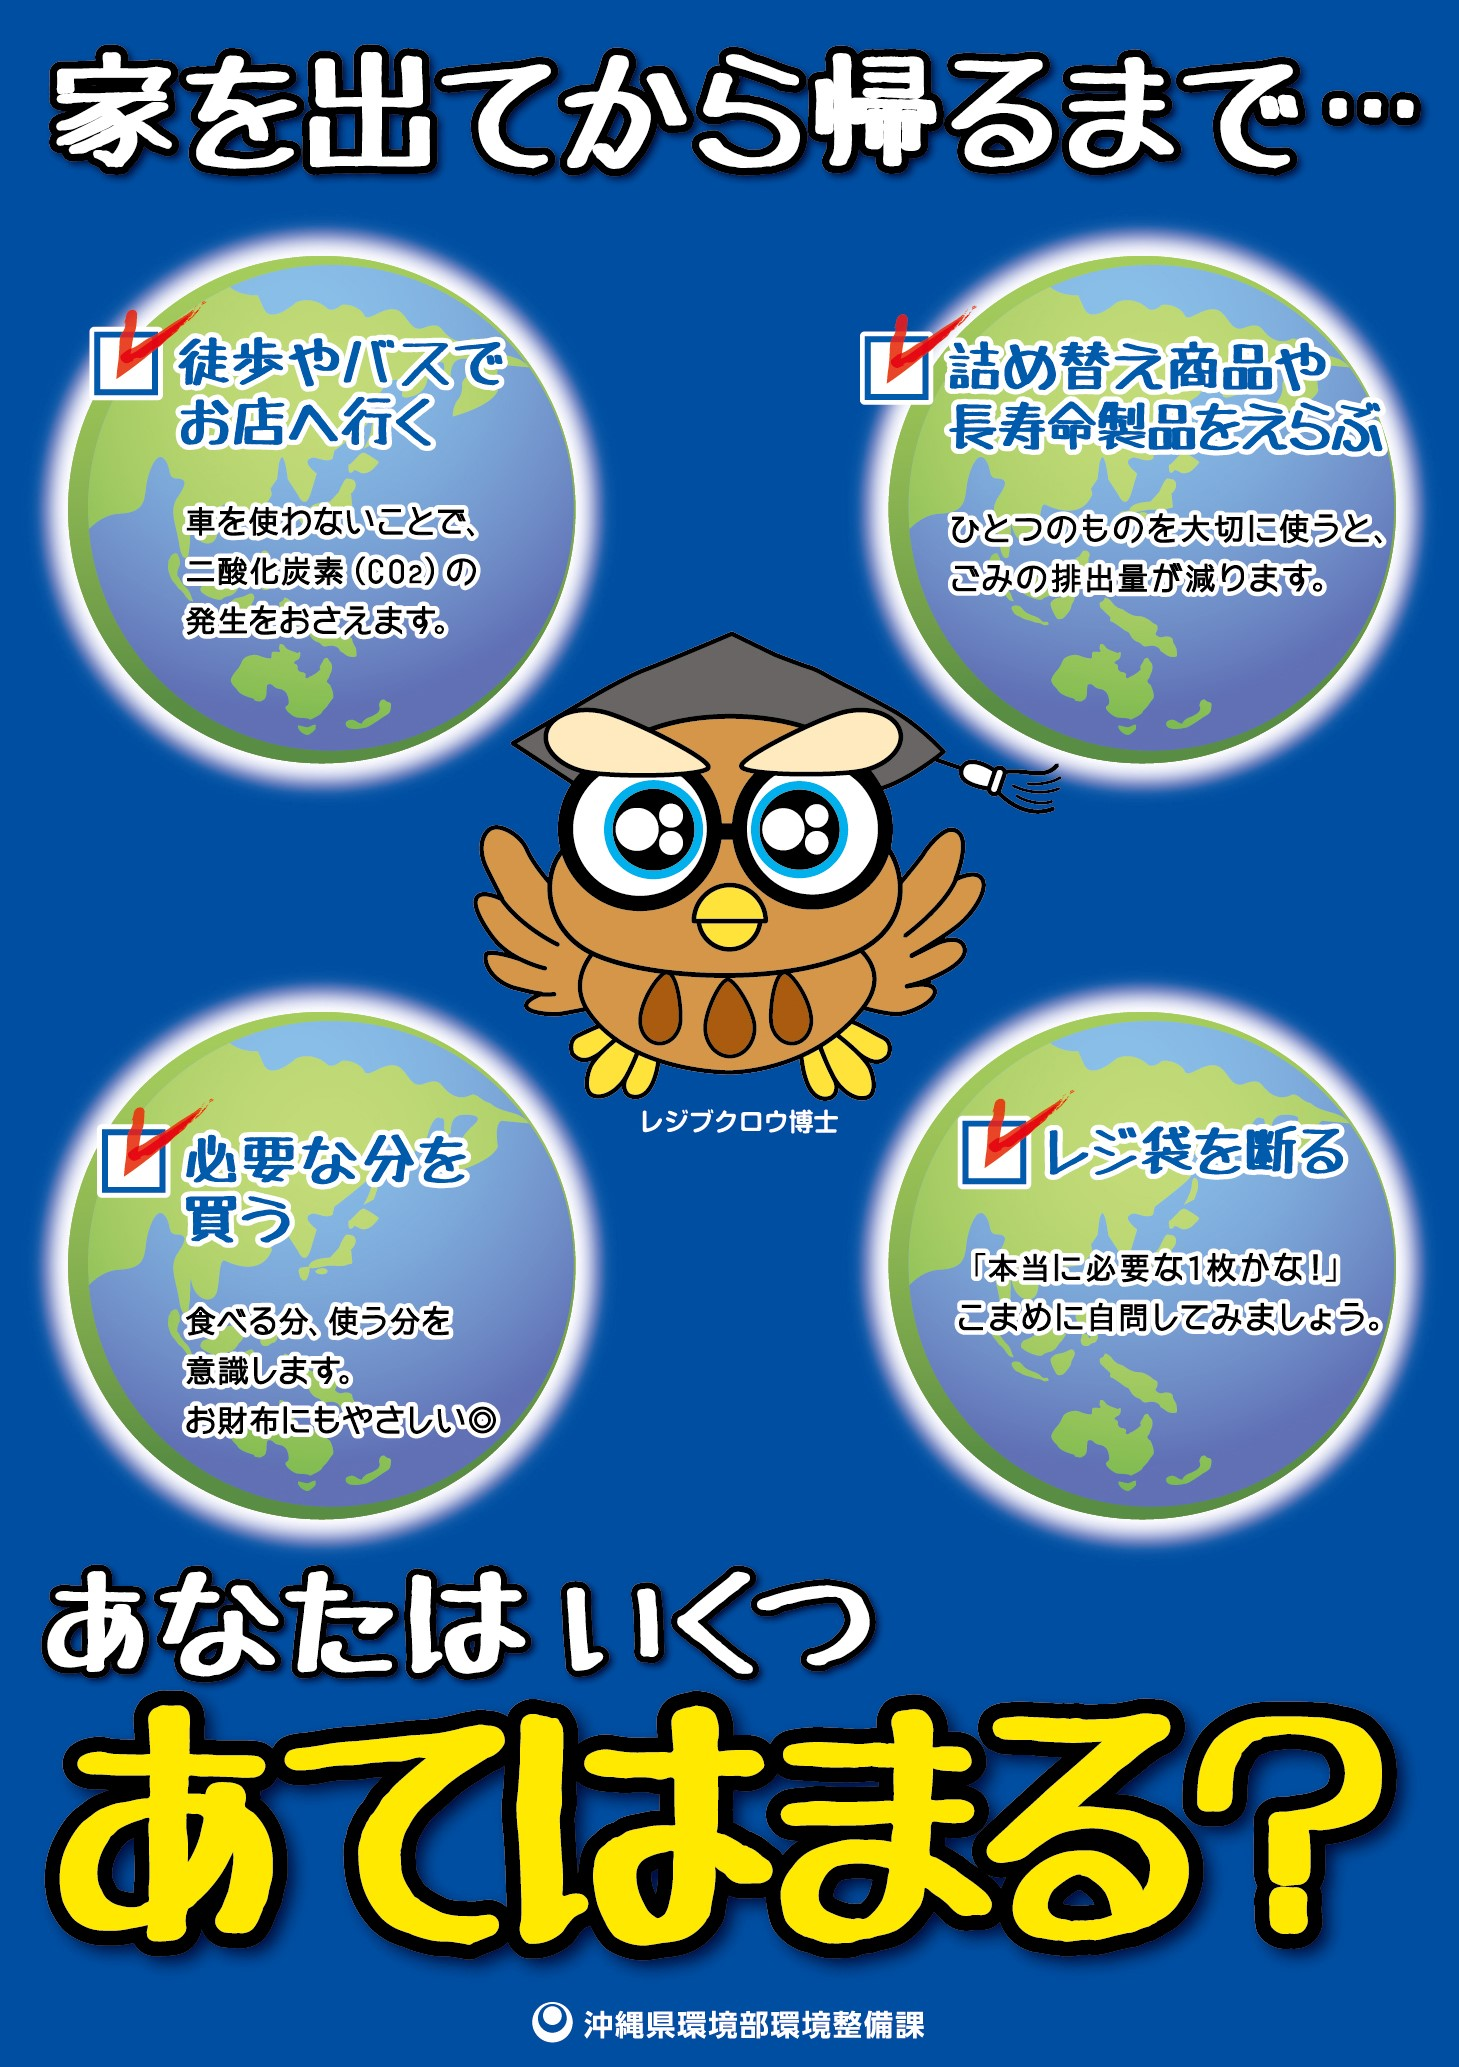 いきなり pdf ページ 番号